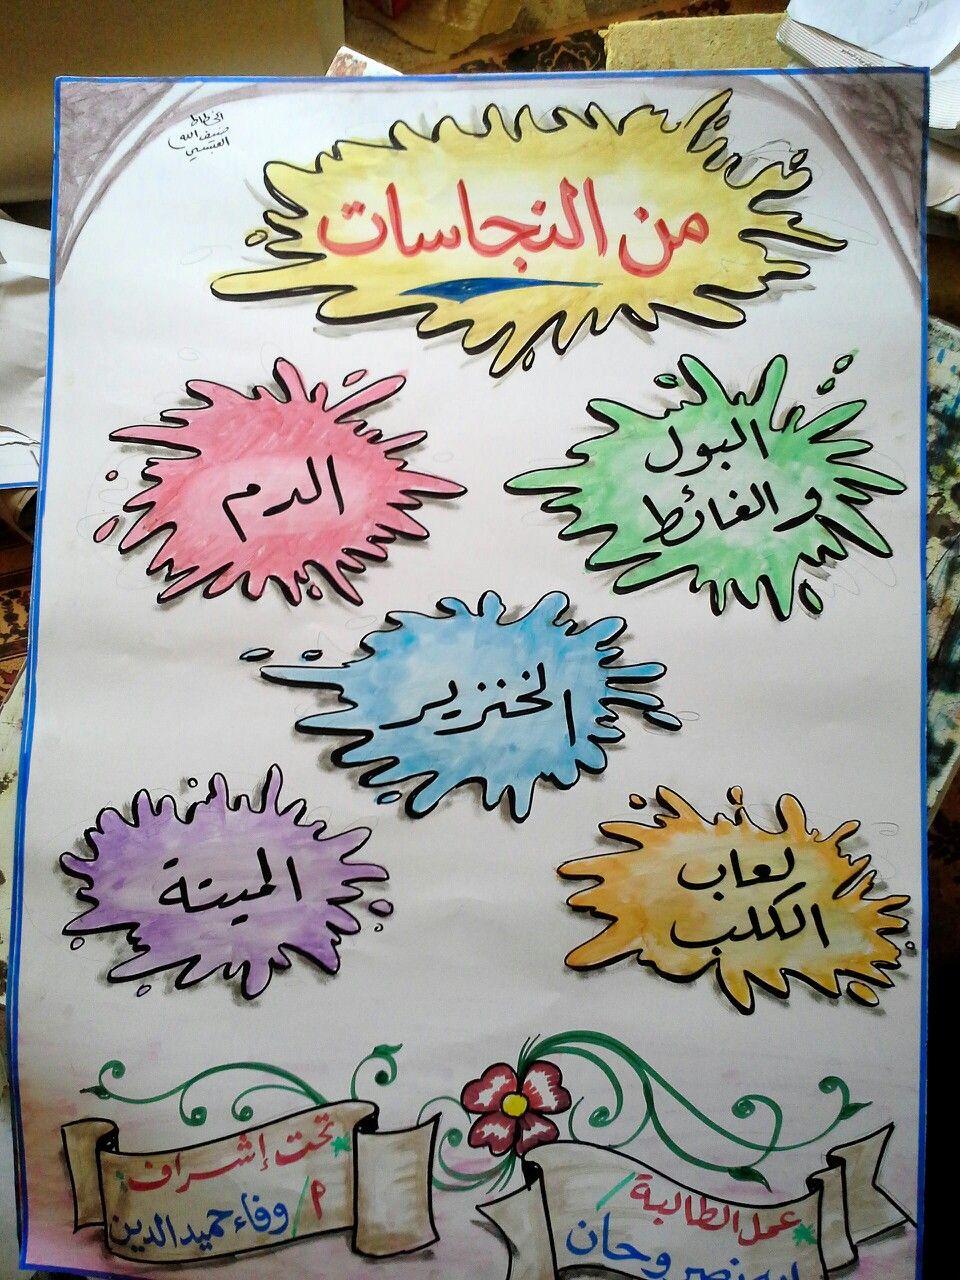 من النجاسات وسائل تعليمية مبتكرة Arabic Resources Arabic Quotes